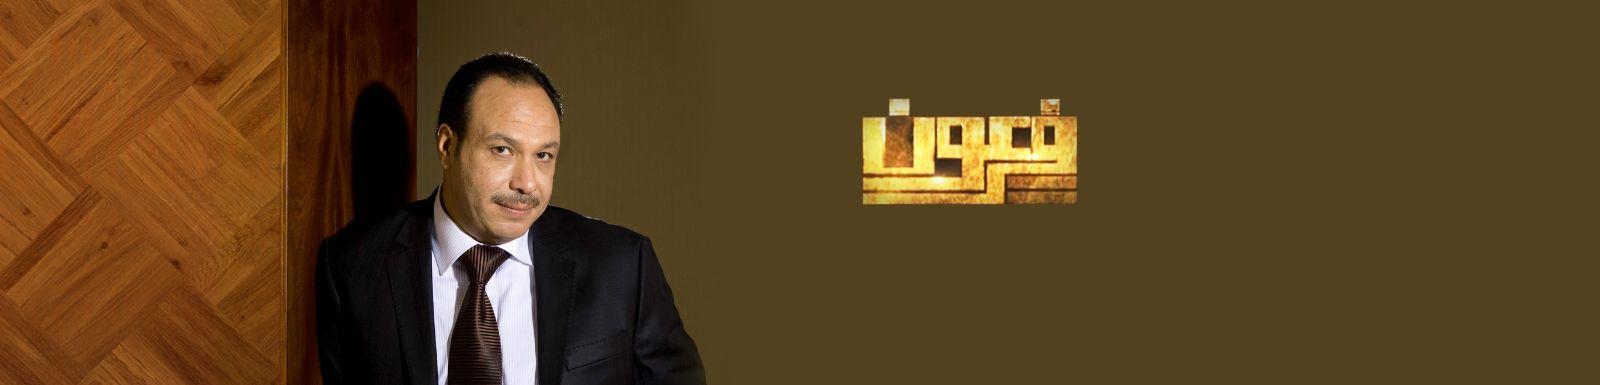 مشاهدة مسلسل فرعون الحلقة 9 كاملة على قناة mbc